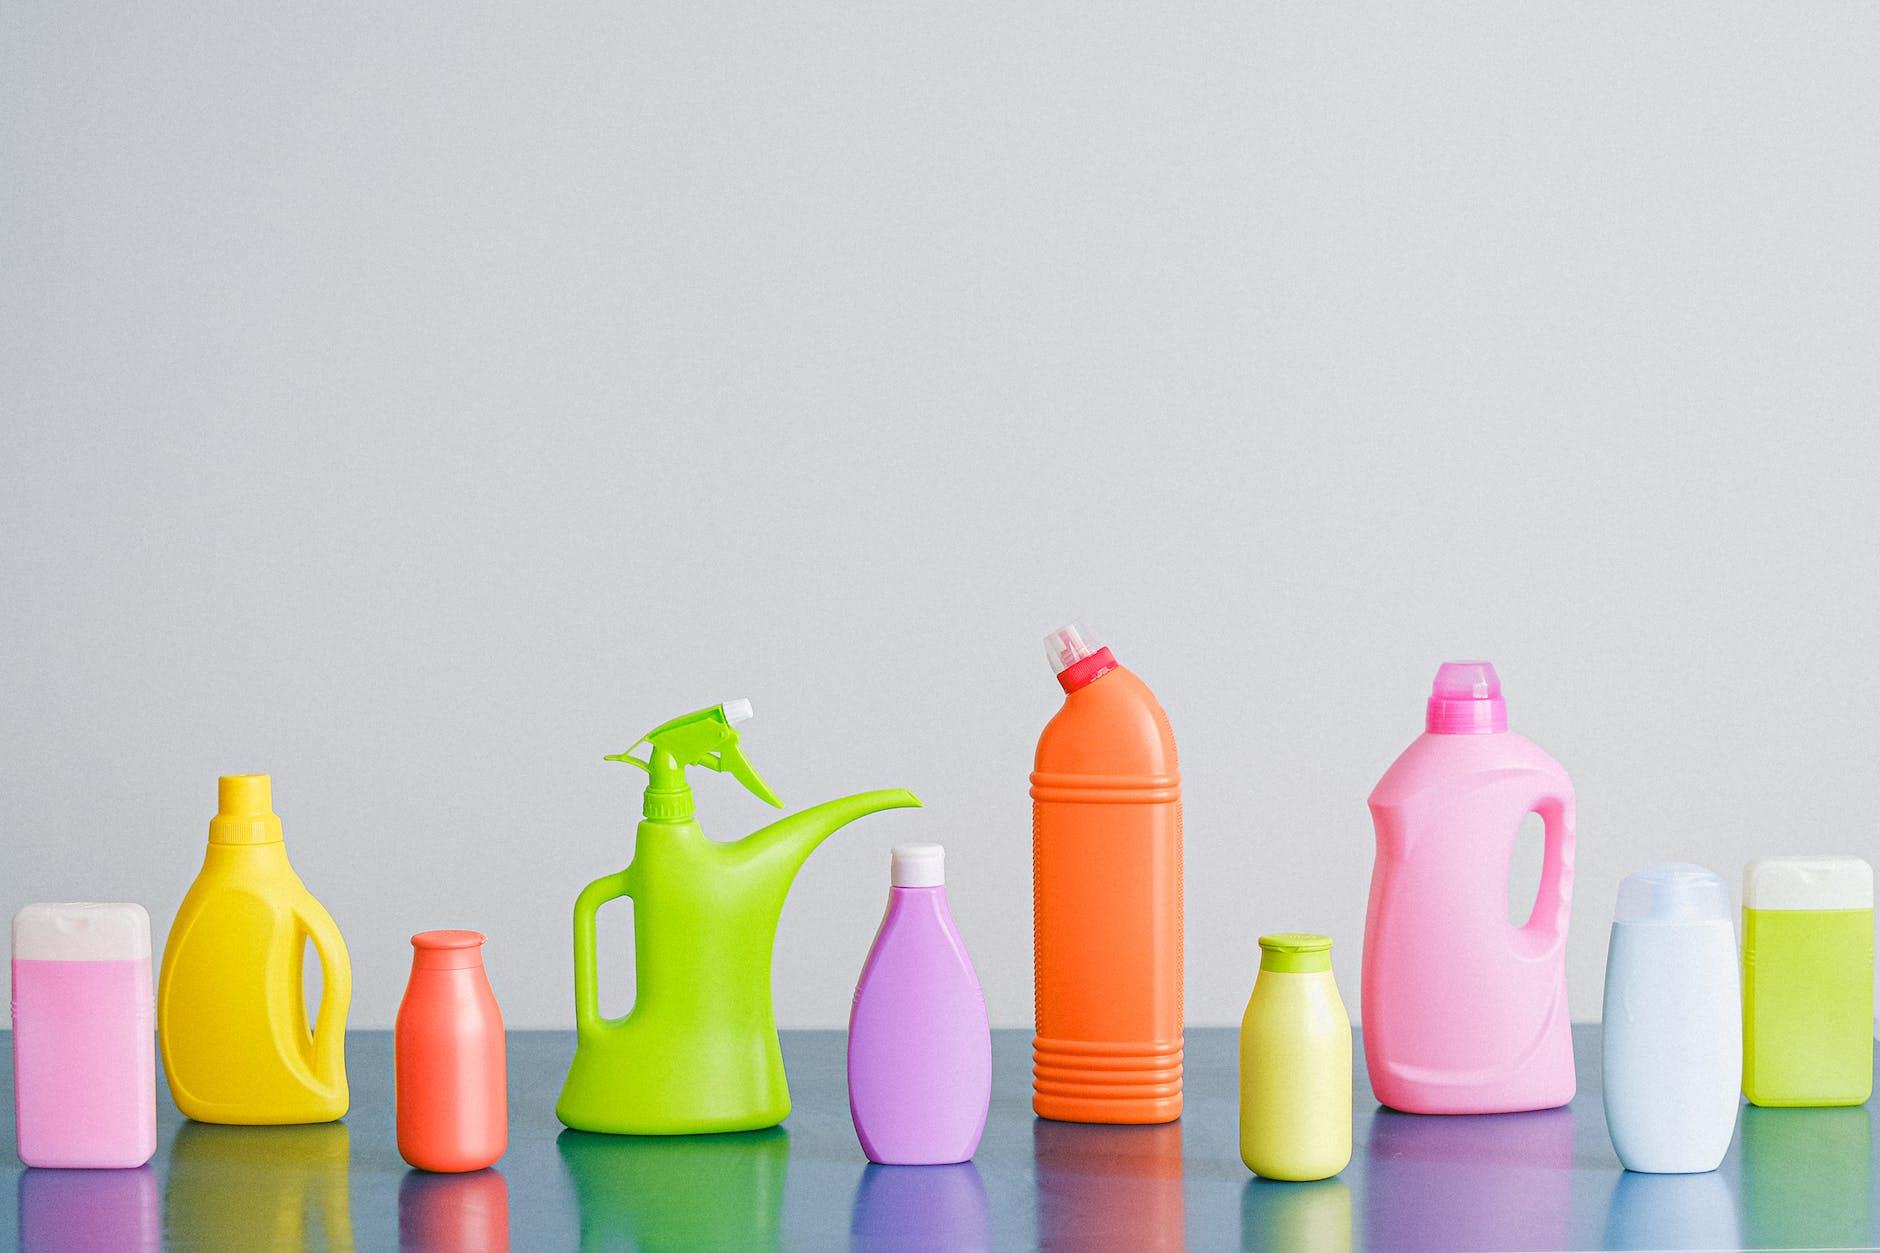 Polypropylene Detergent Bottles Image